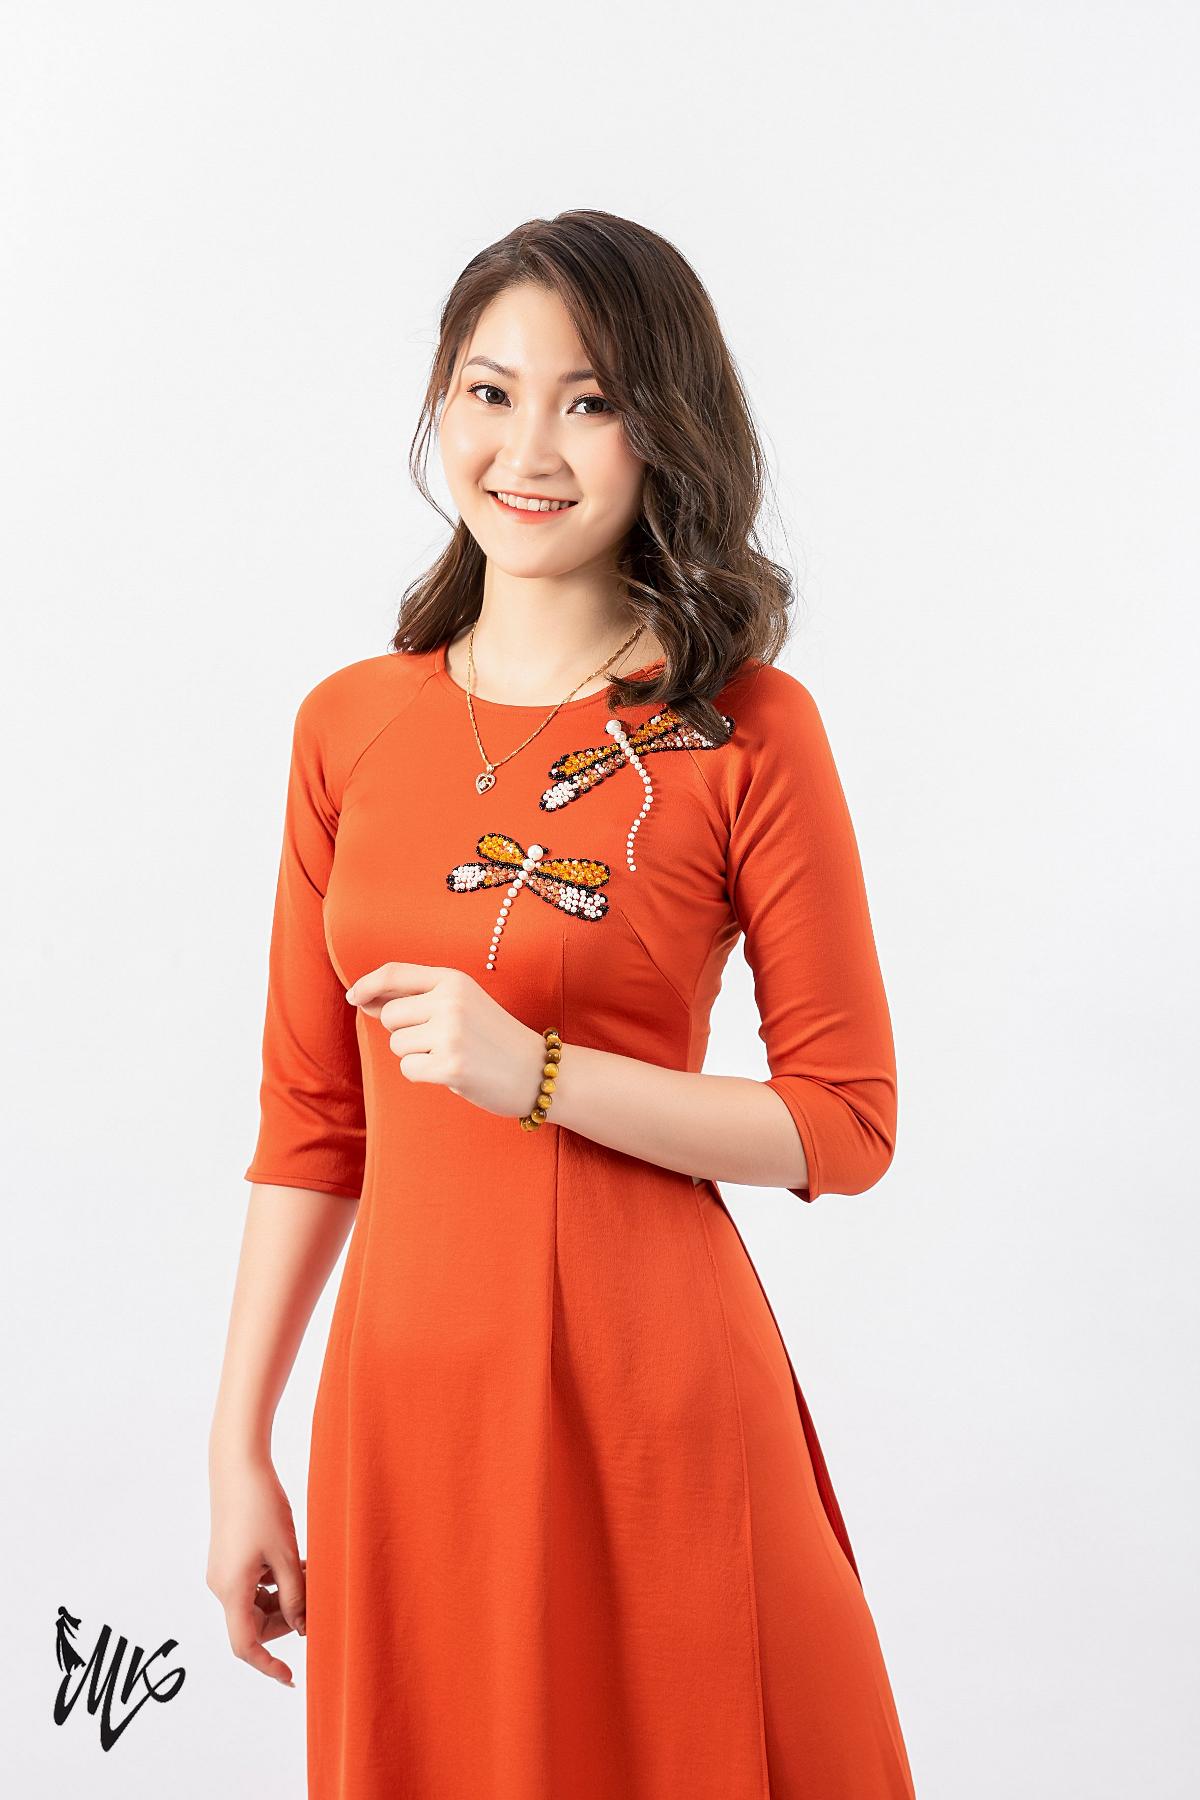 Thương hiệu thời trang áo dài Minh Khang niềm tự hào của phái đẹp Việt - Ảnh 7.